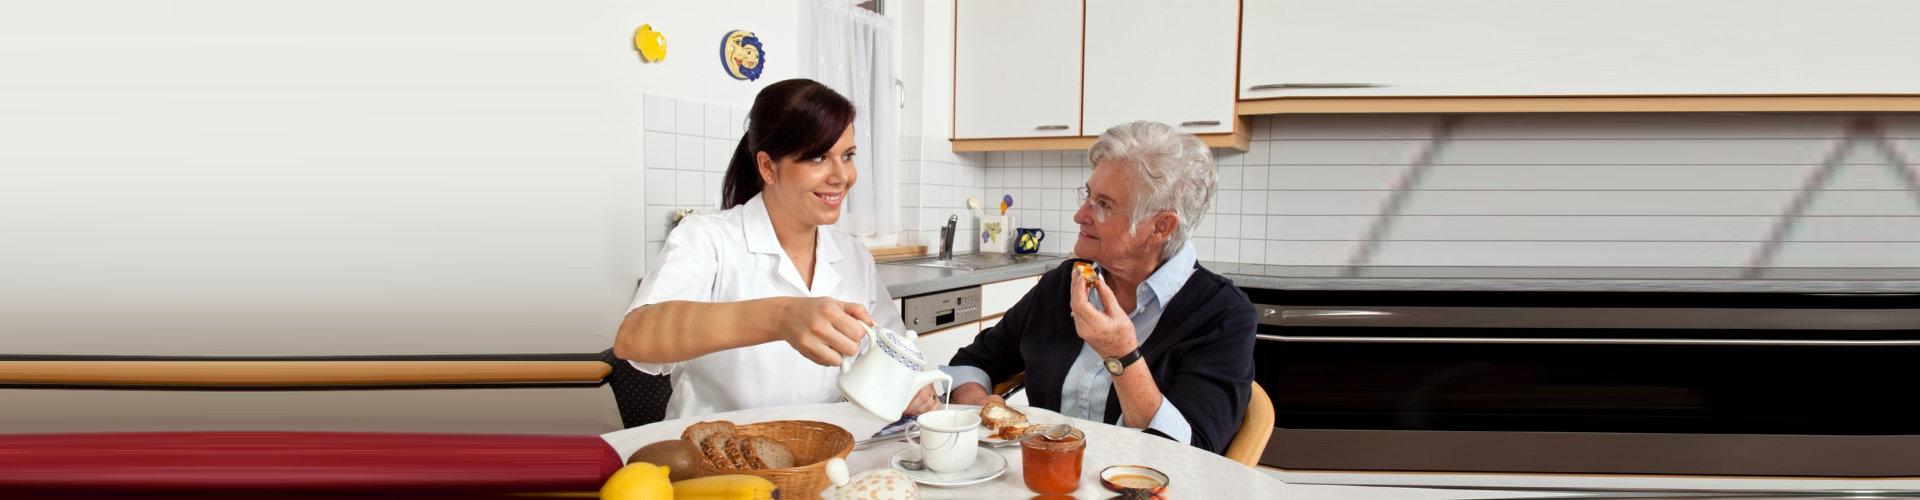 caregiver serving elder woman